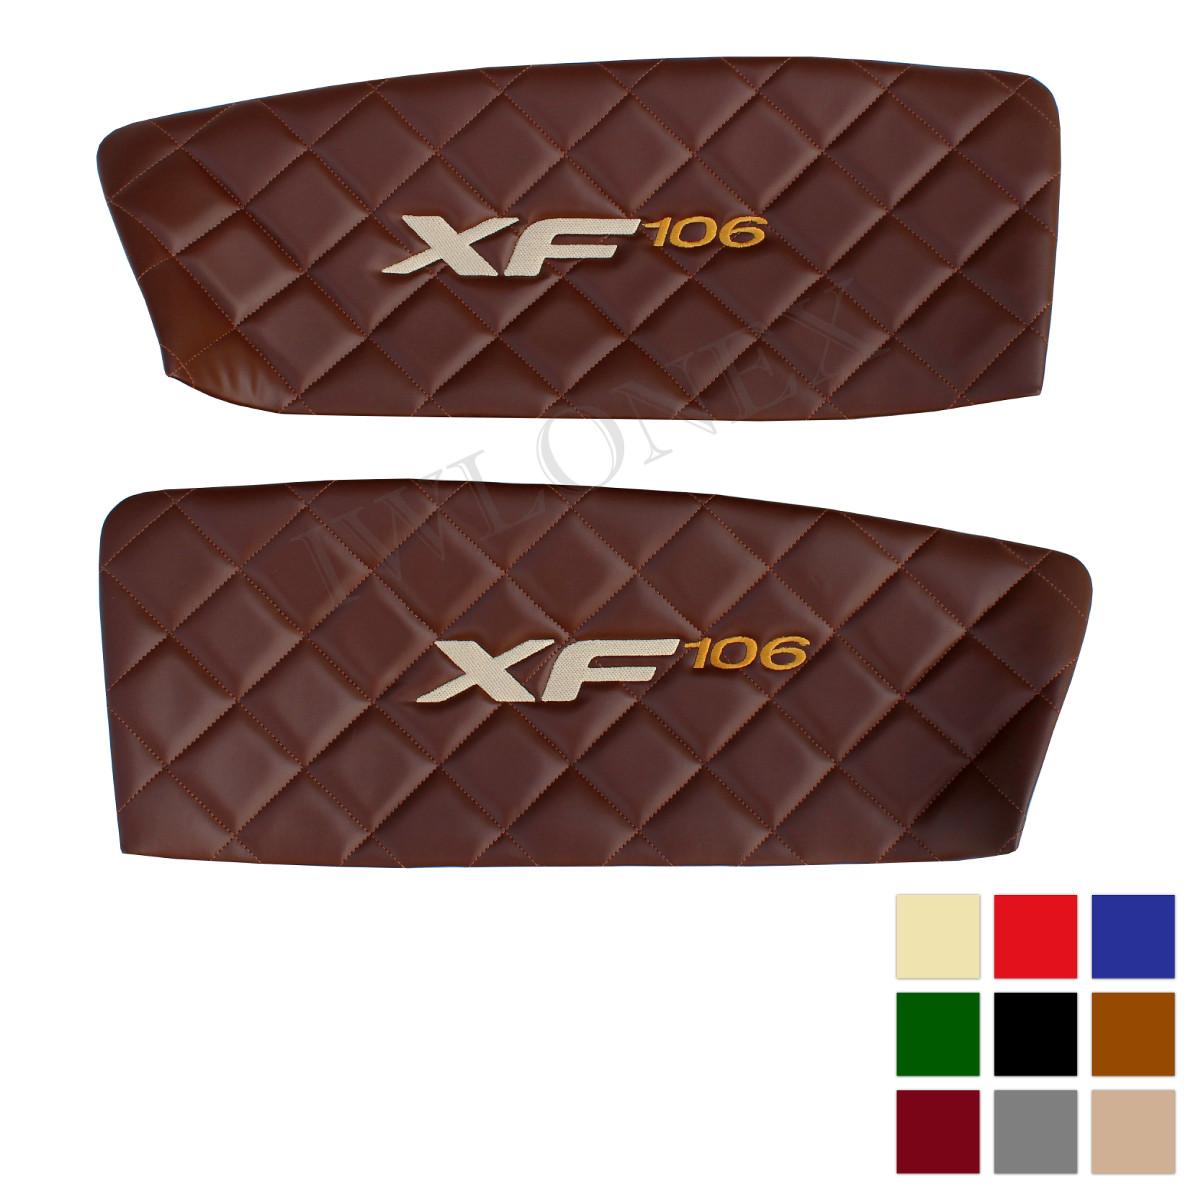 Turverkleidung DAF EURO6 Deine Farben - Türverkleidung passend für DAF XF EURO6 Links/Rechts - deine Farben u. Stickerei